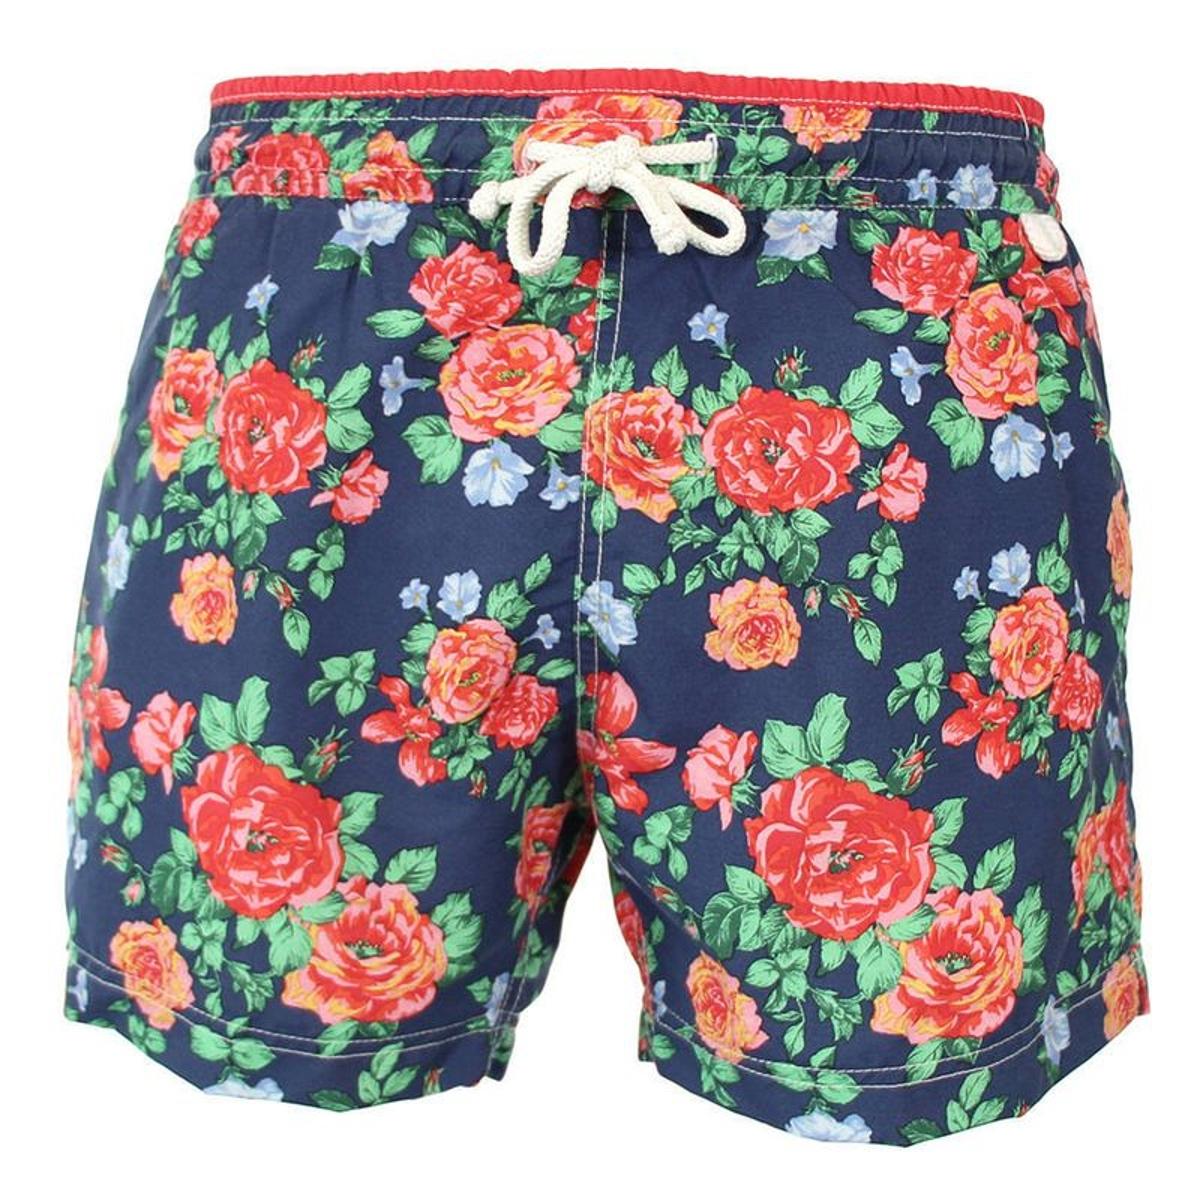 Maillot Short de bain homme New Jim Fashion flower bleu et rouge